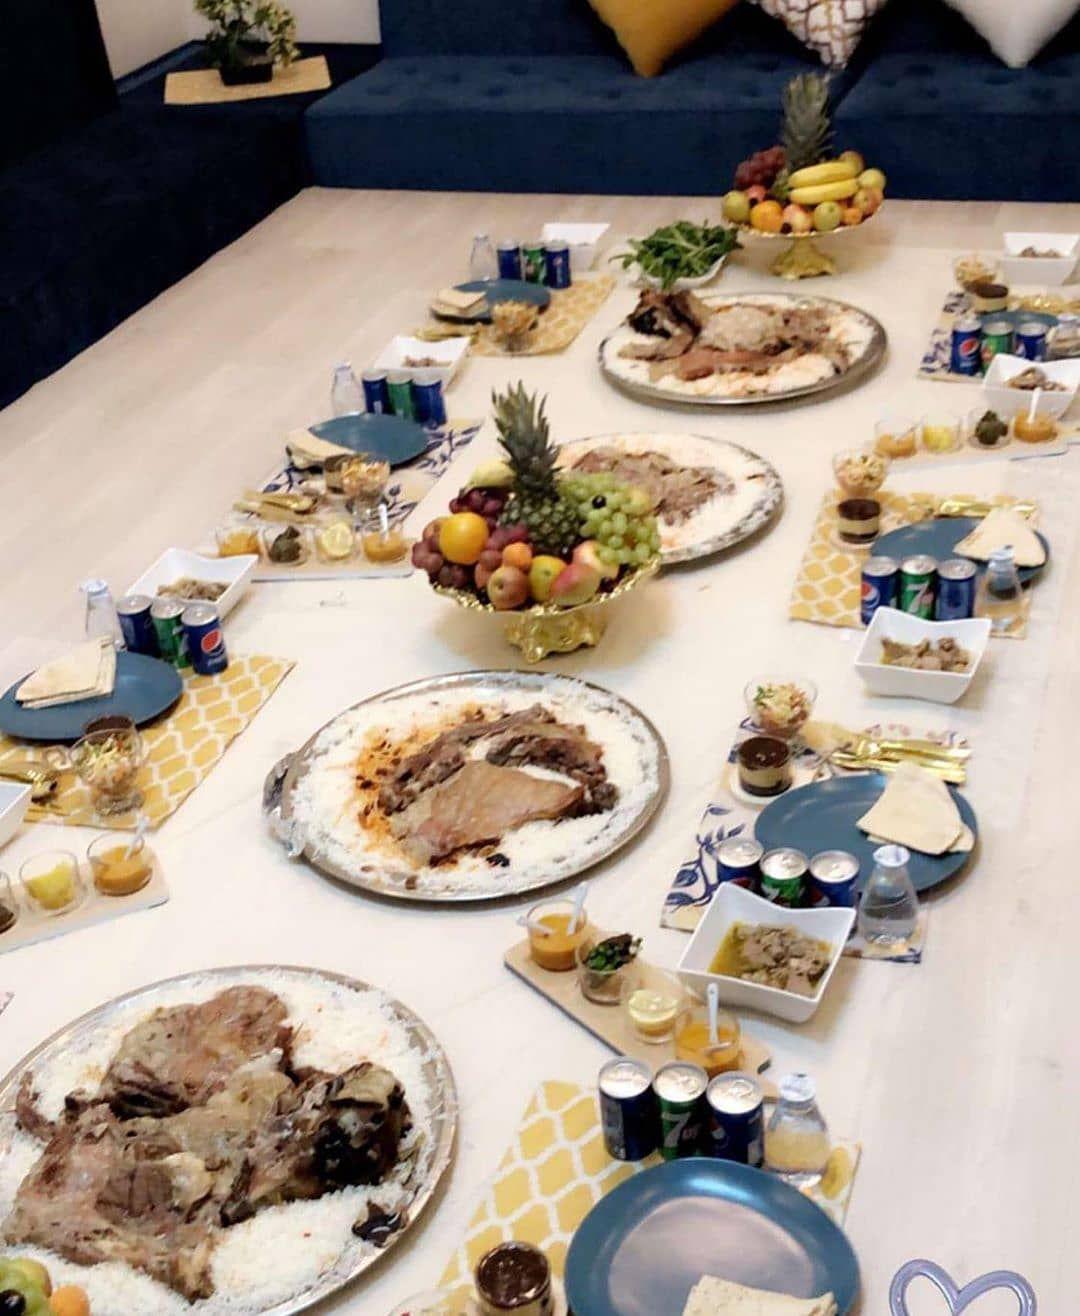 زهر القلب من س قايا حديثك Food Decoration Serving Food Food Plating